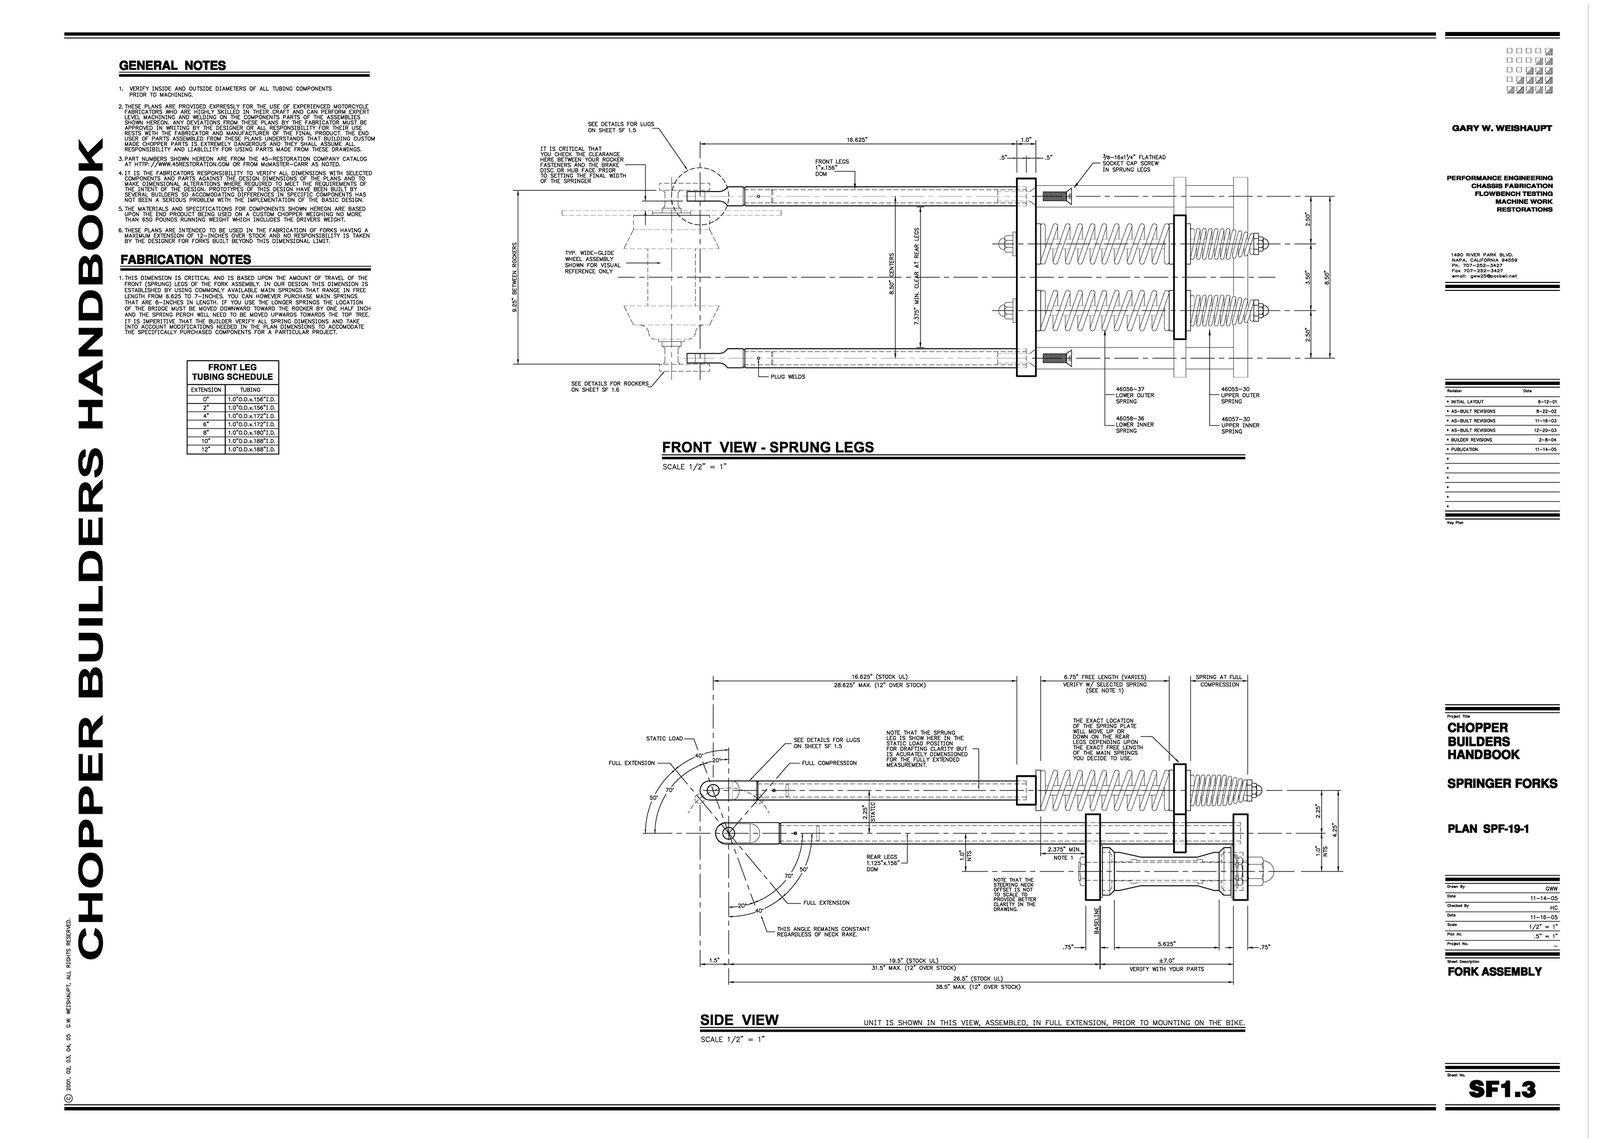 Springer Fork Plans 3of9